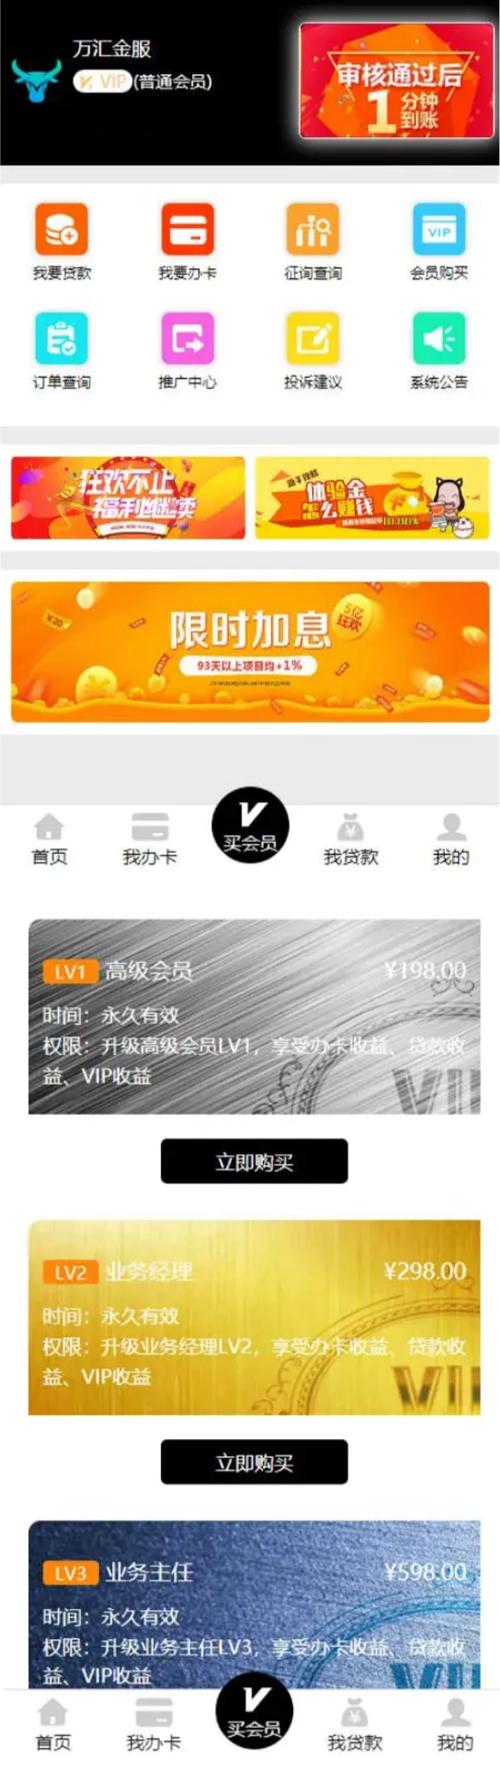 【独家发布】11月最新修复版万汇金服全新UI的贷款源码/完整数据库 第1张